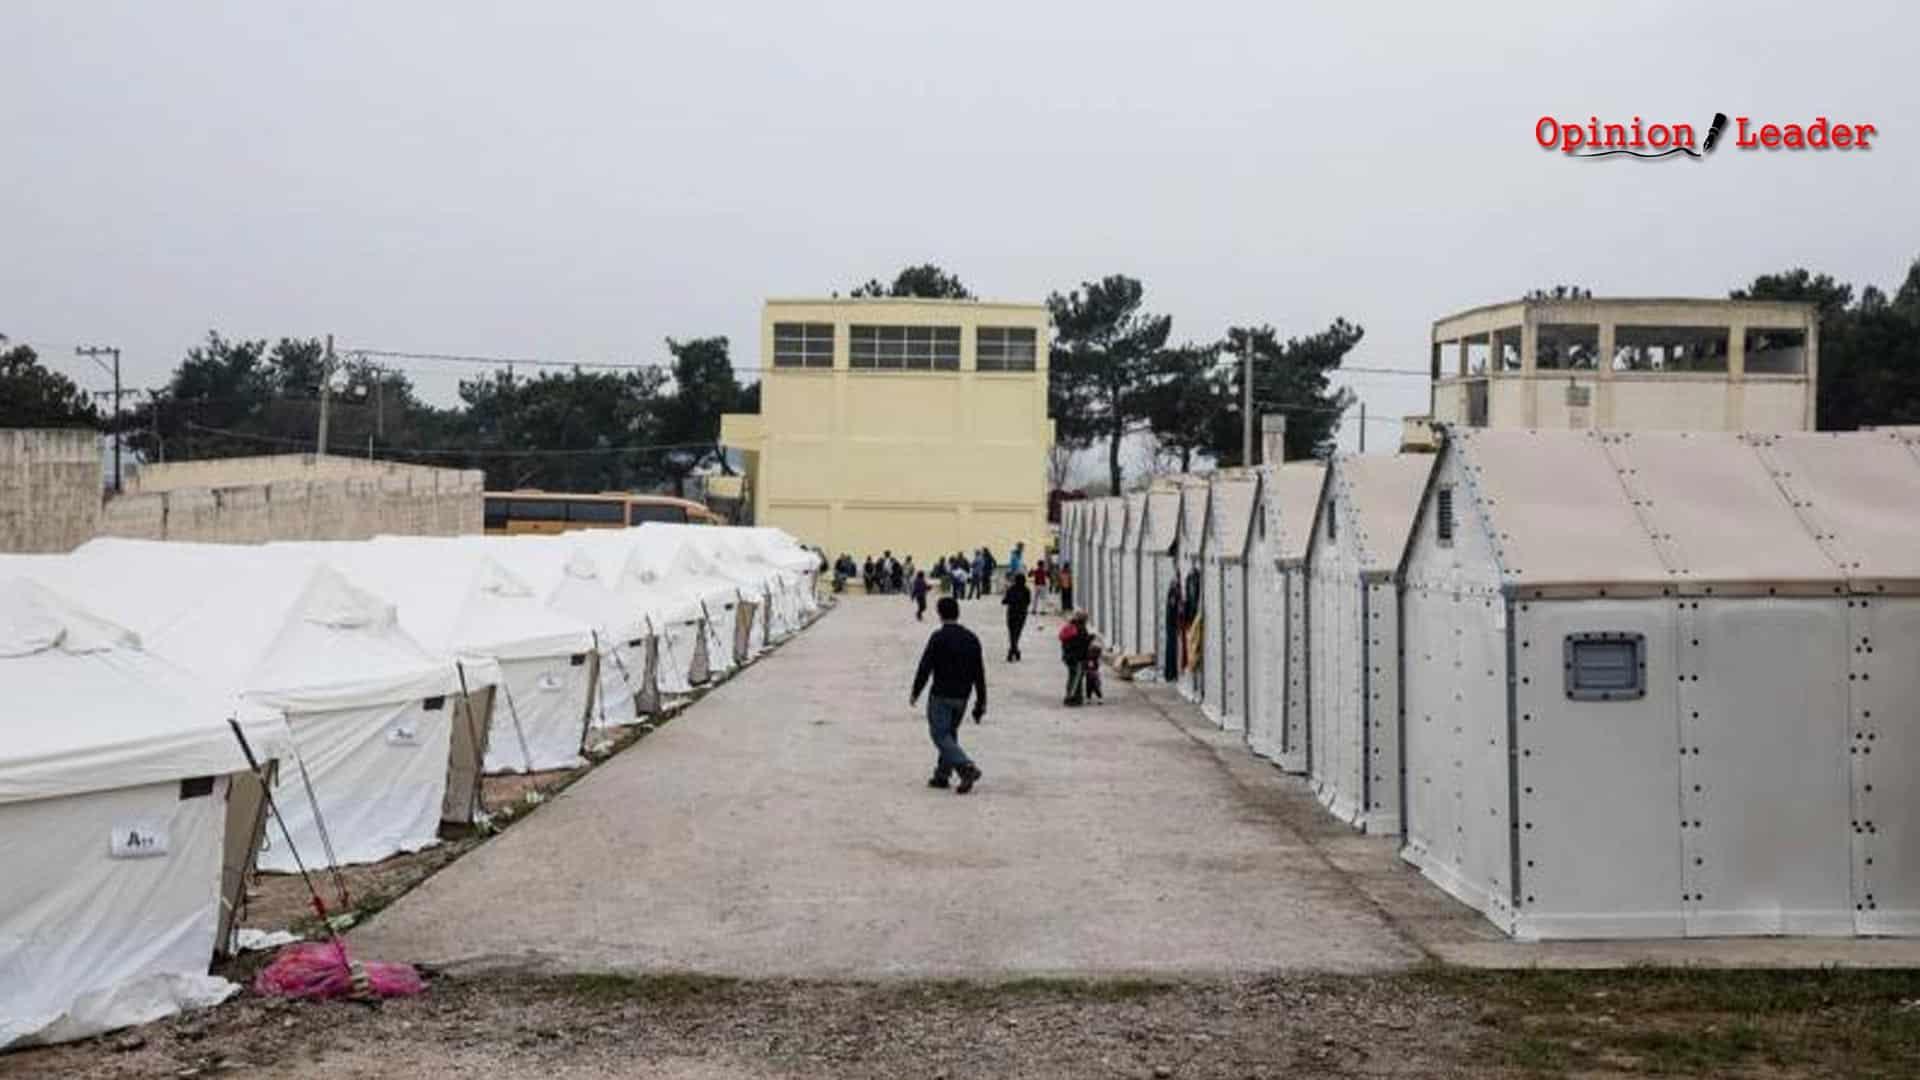 προσφυγικό καμπ - Θεσσαλονίκη